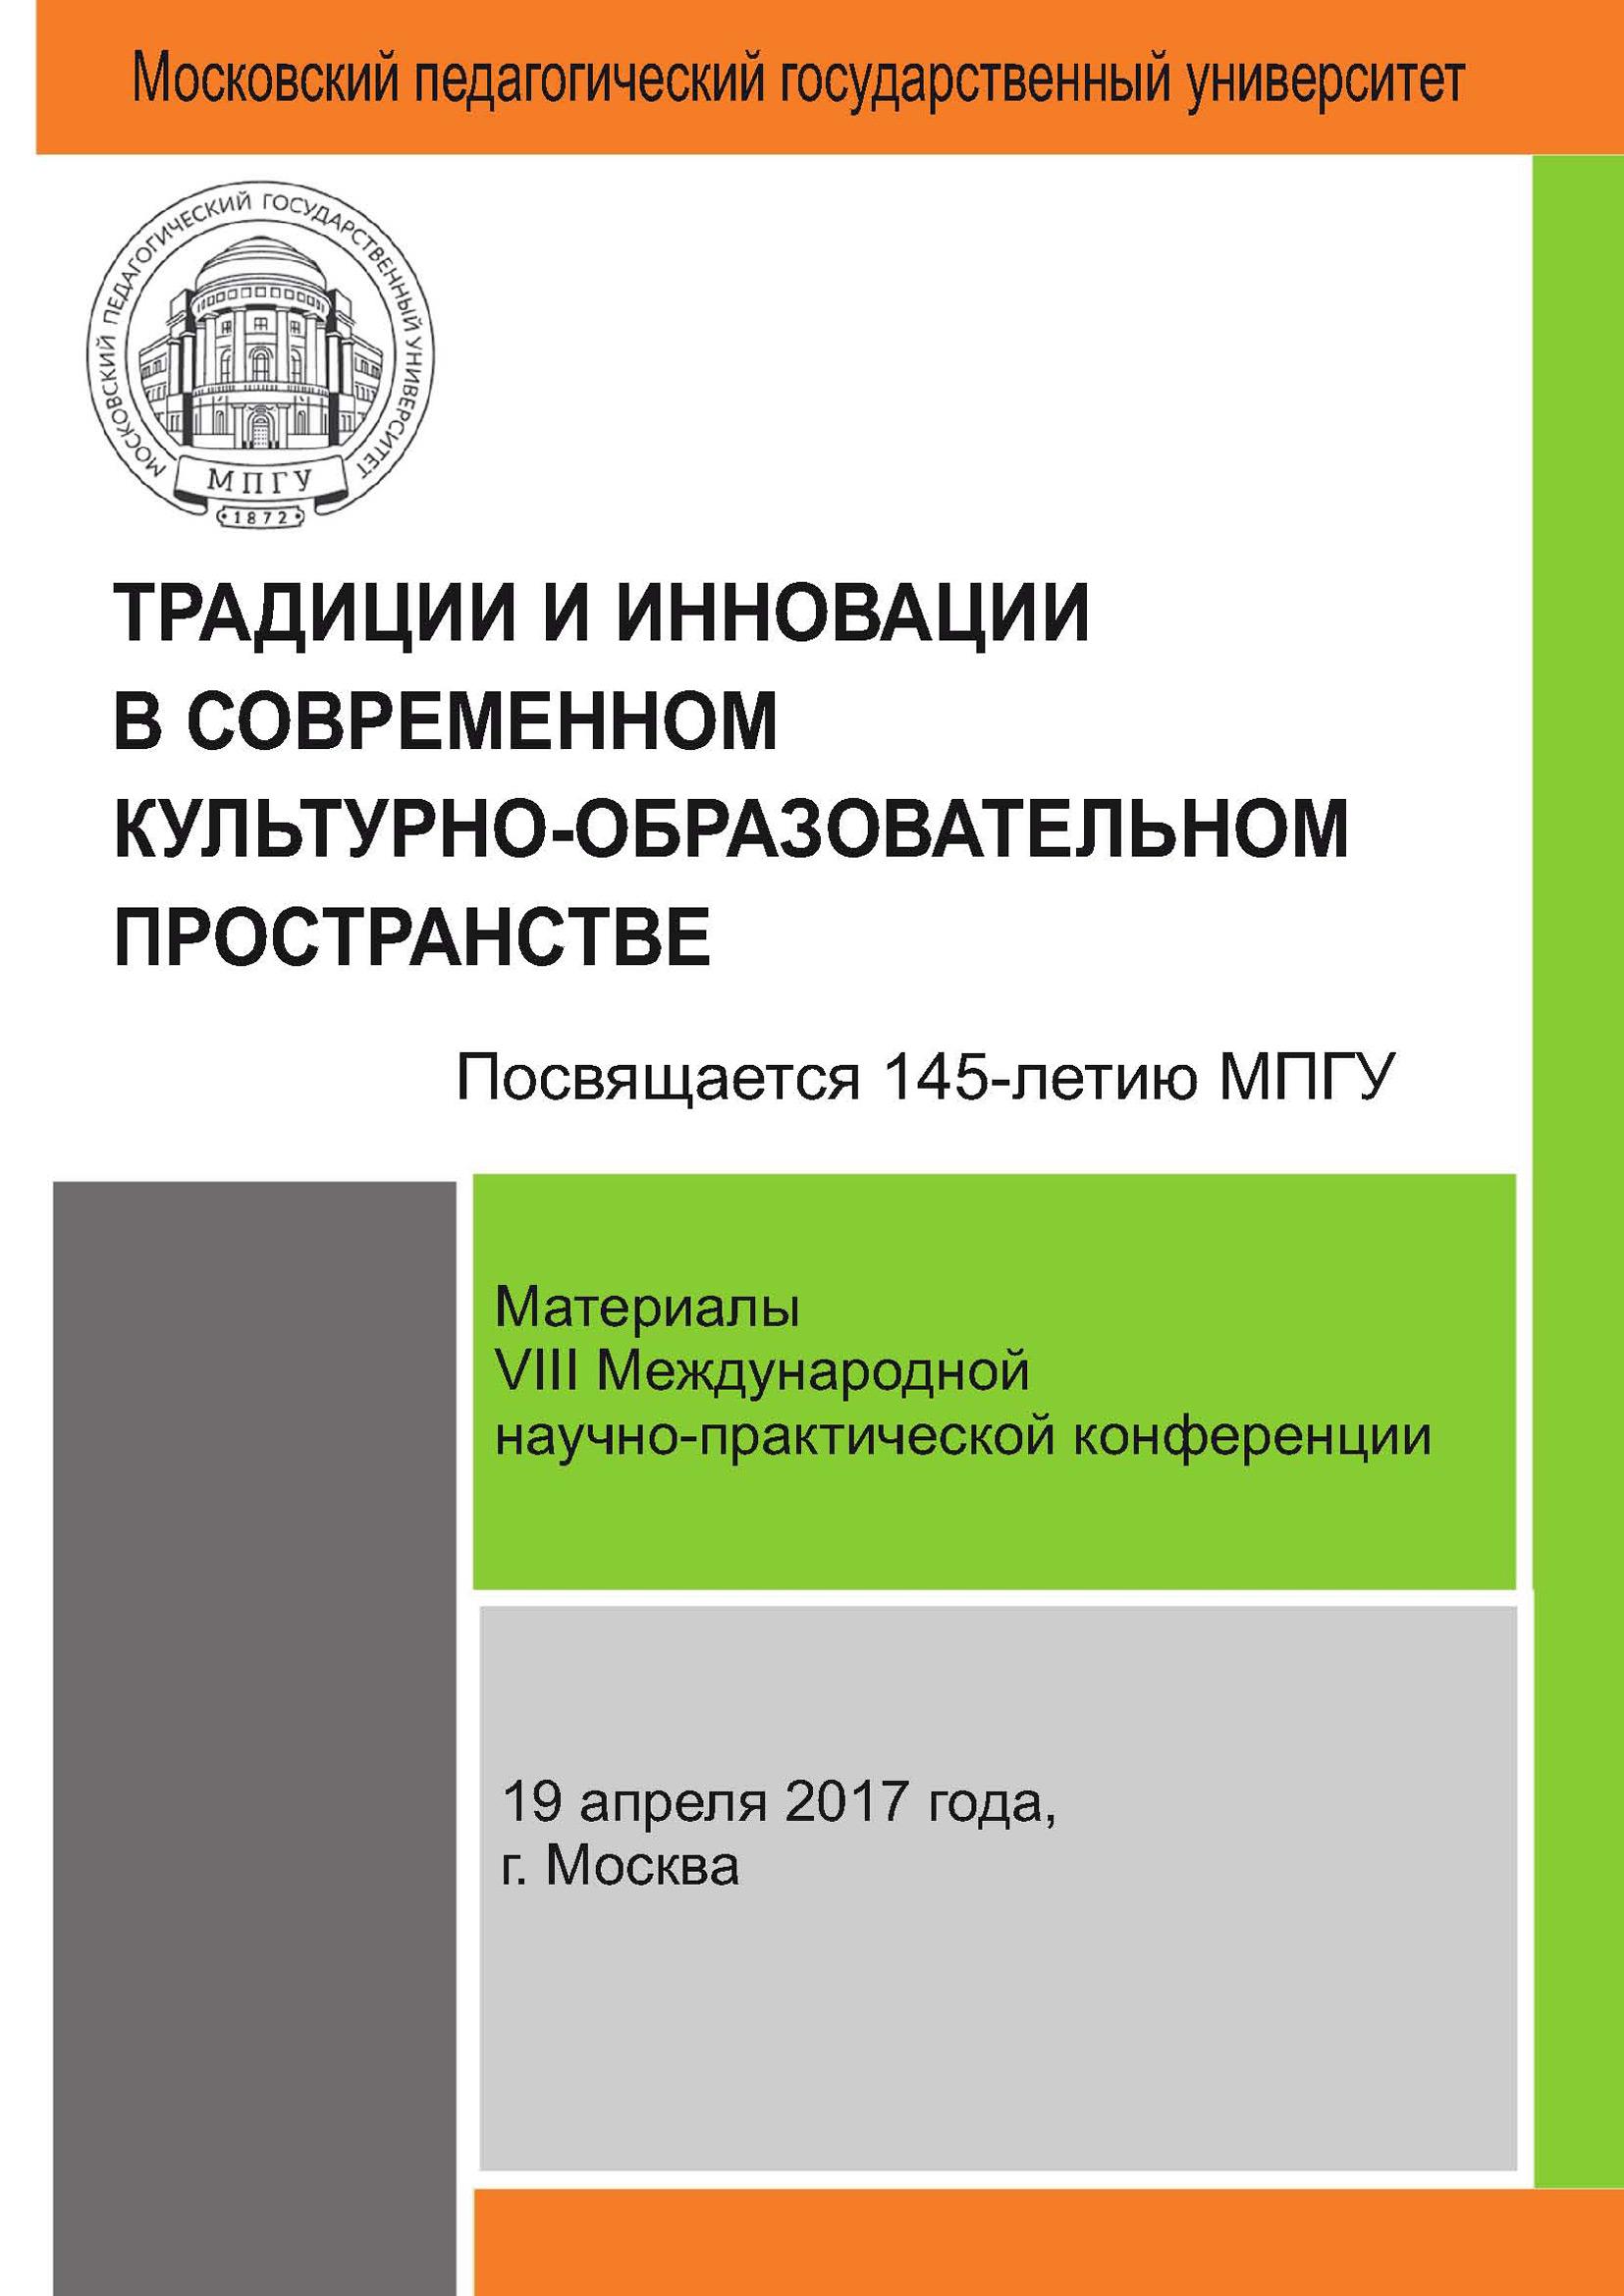 Традиции и инновации в современном культурно-образовательном пространстве: материалы VIII Международной научно-практической конференции (г. Москва, 19 апреля 2017 г.)